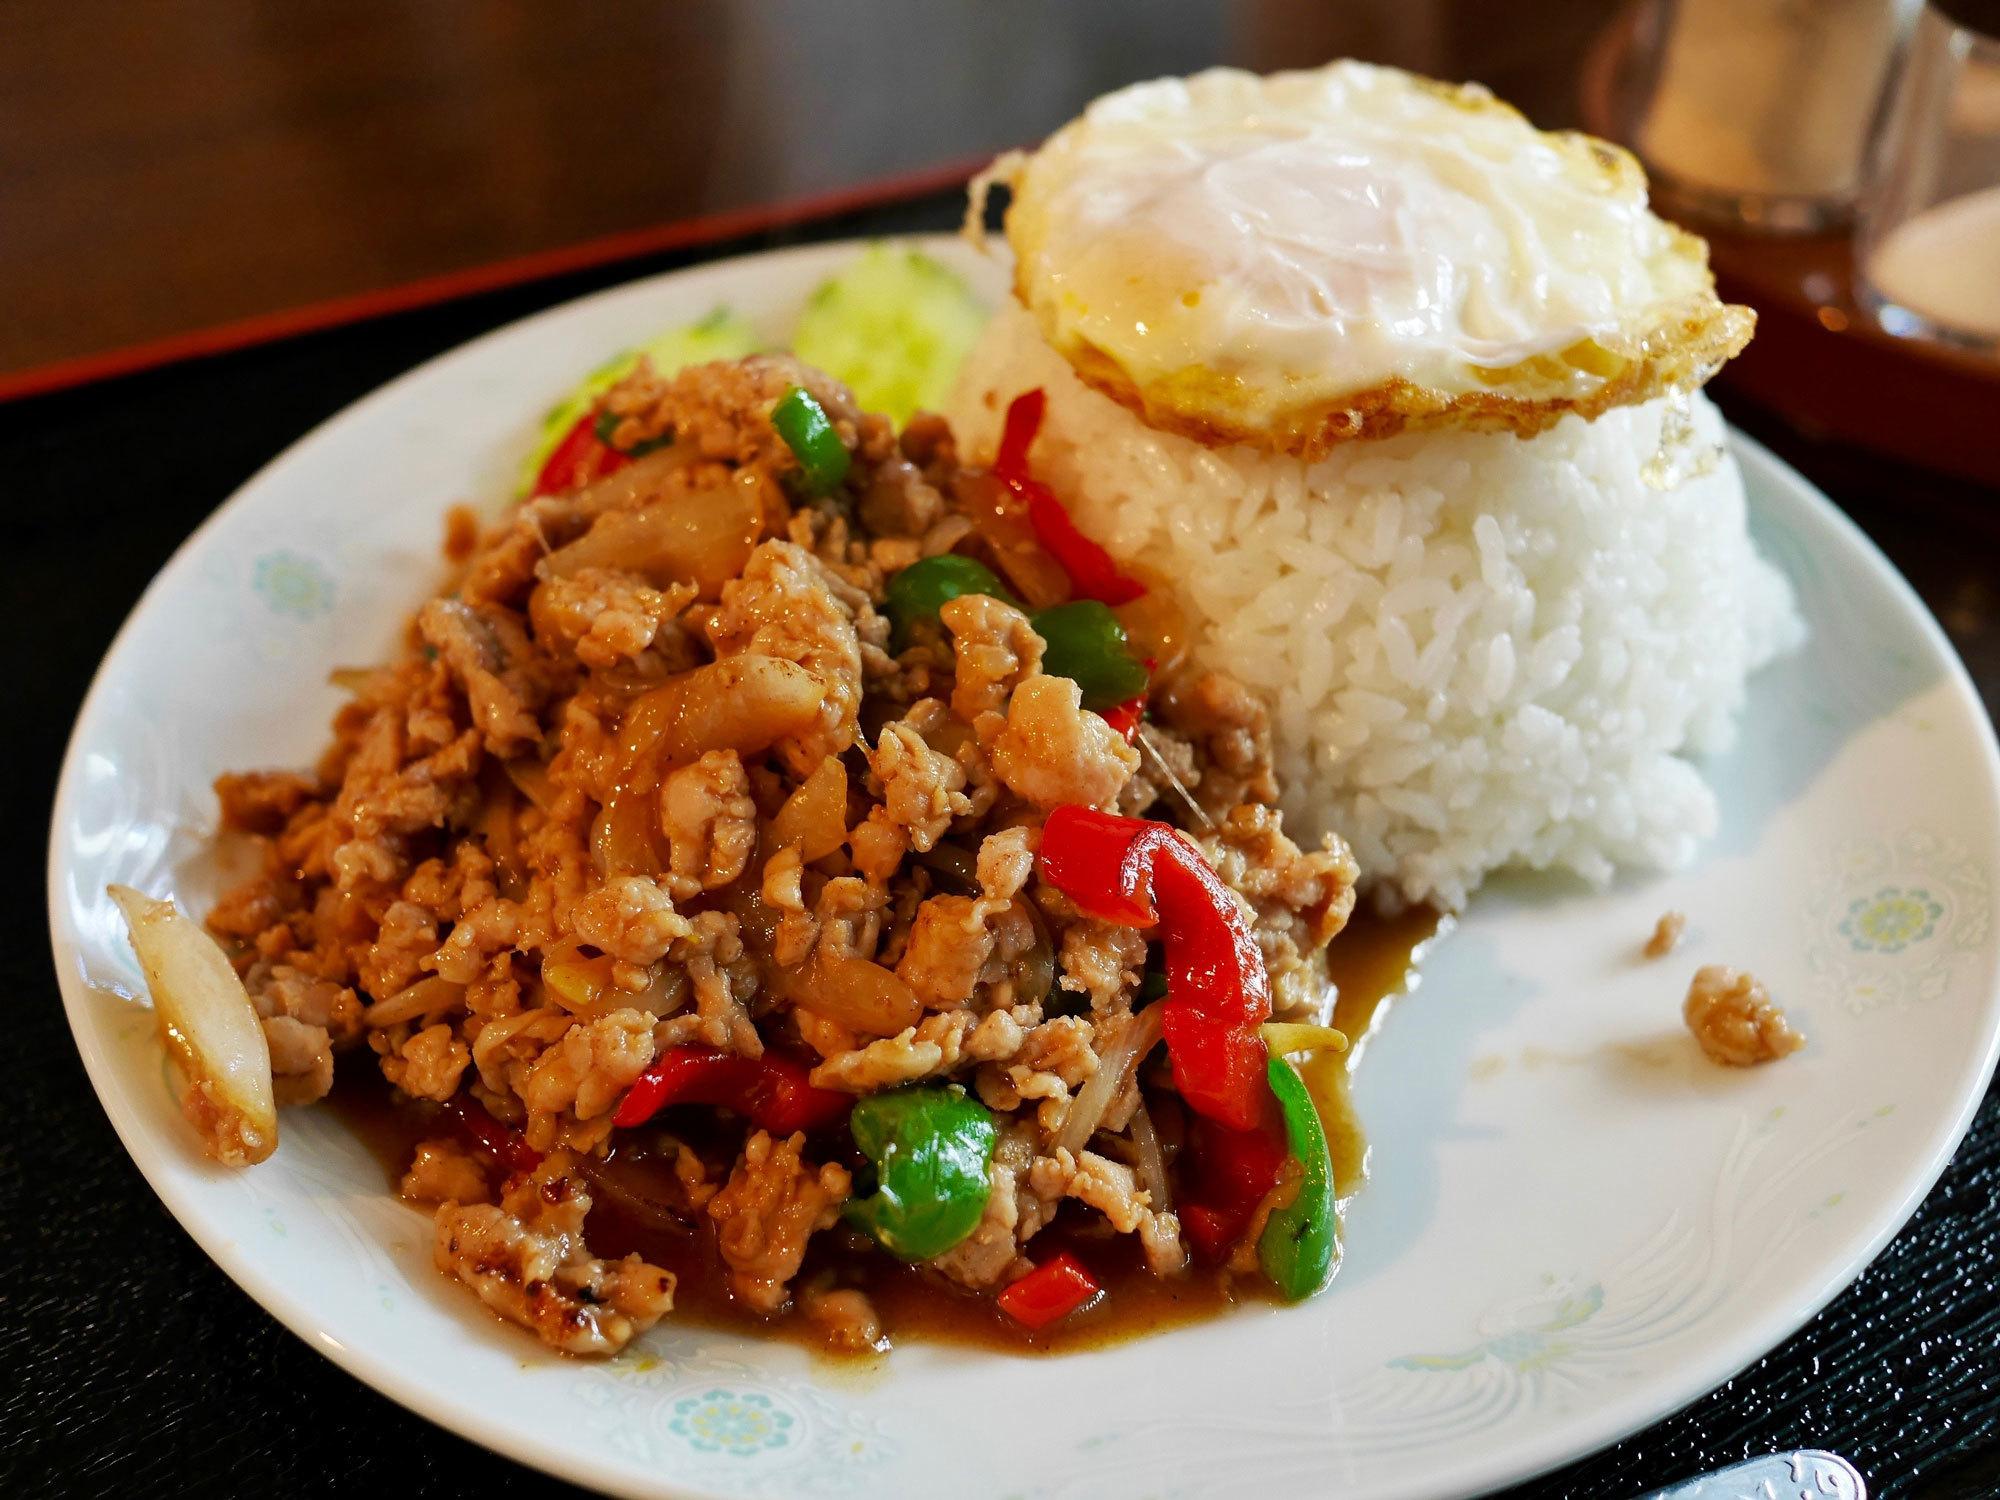 【京都のタイ料理屋】 今出川通烏丸西入ル「芙蓉園」で食べた『鶏のバジル炒めかけご飯』